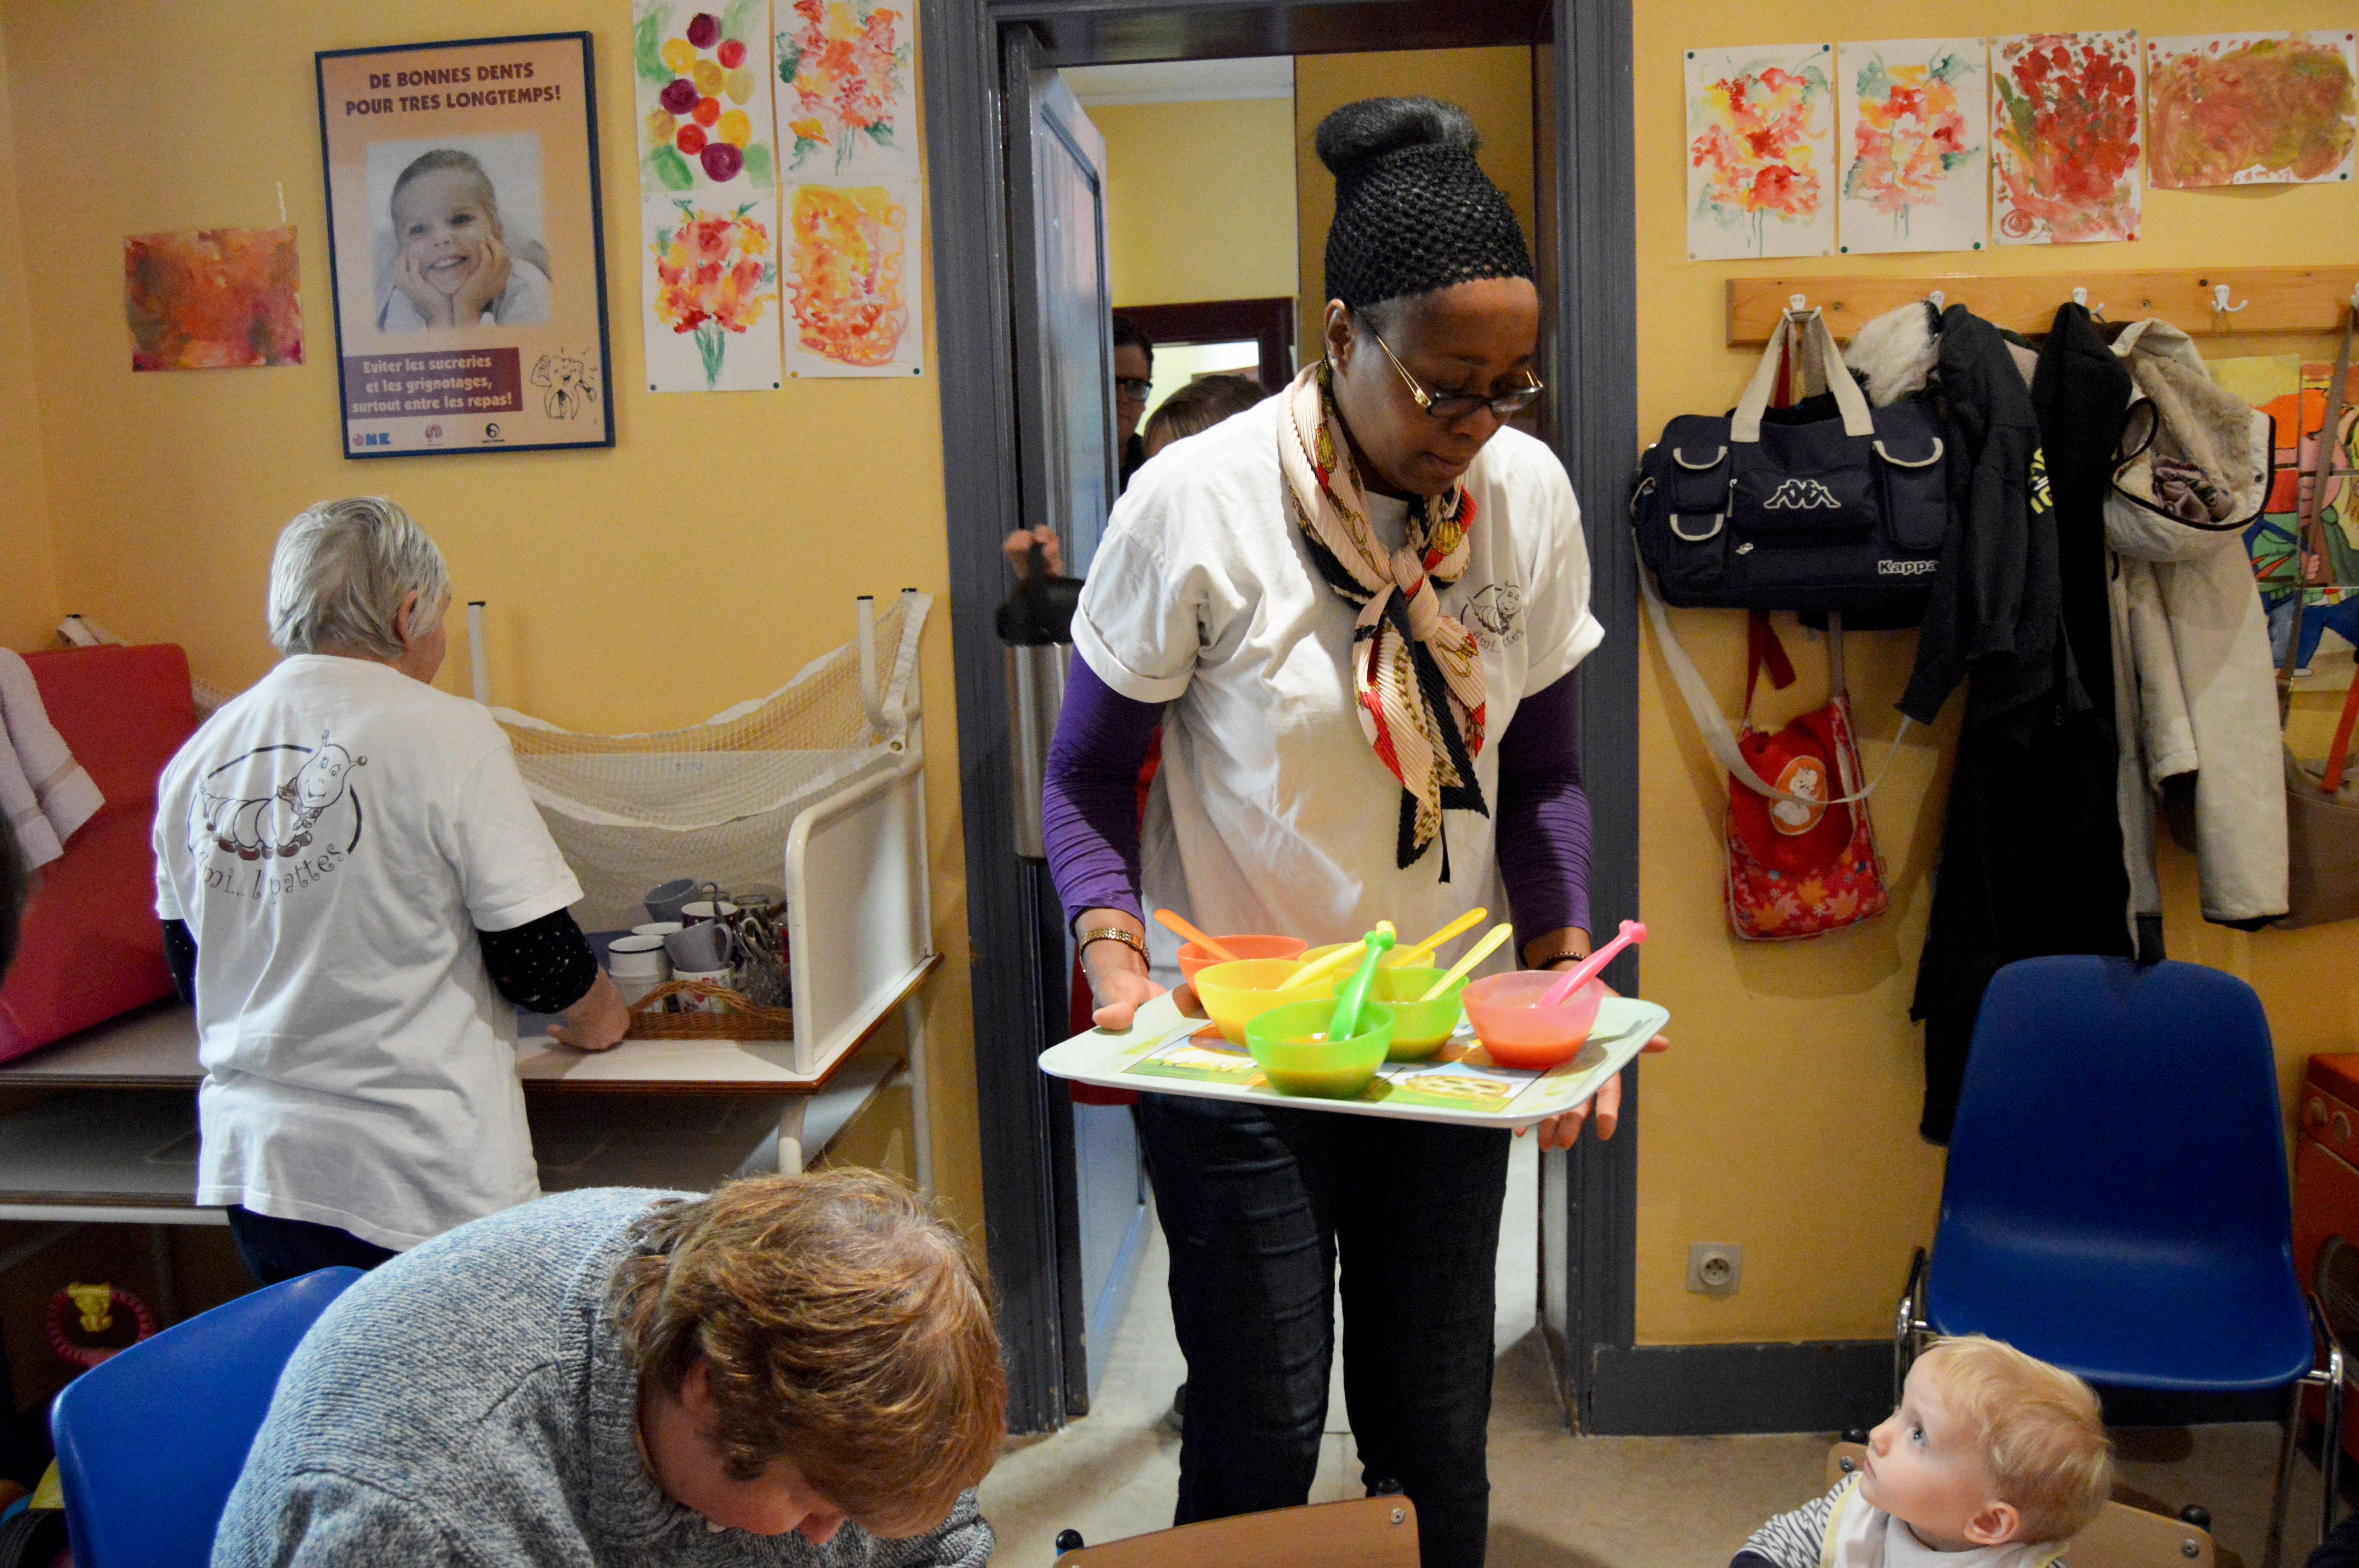 Une bénévole en train de distribuer la soupe aux parents et aux enfants.